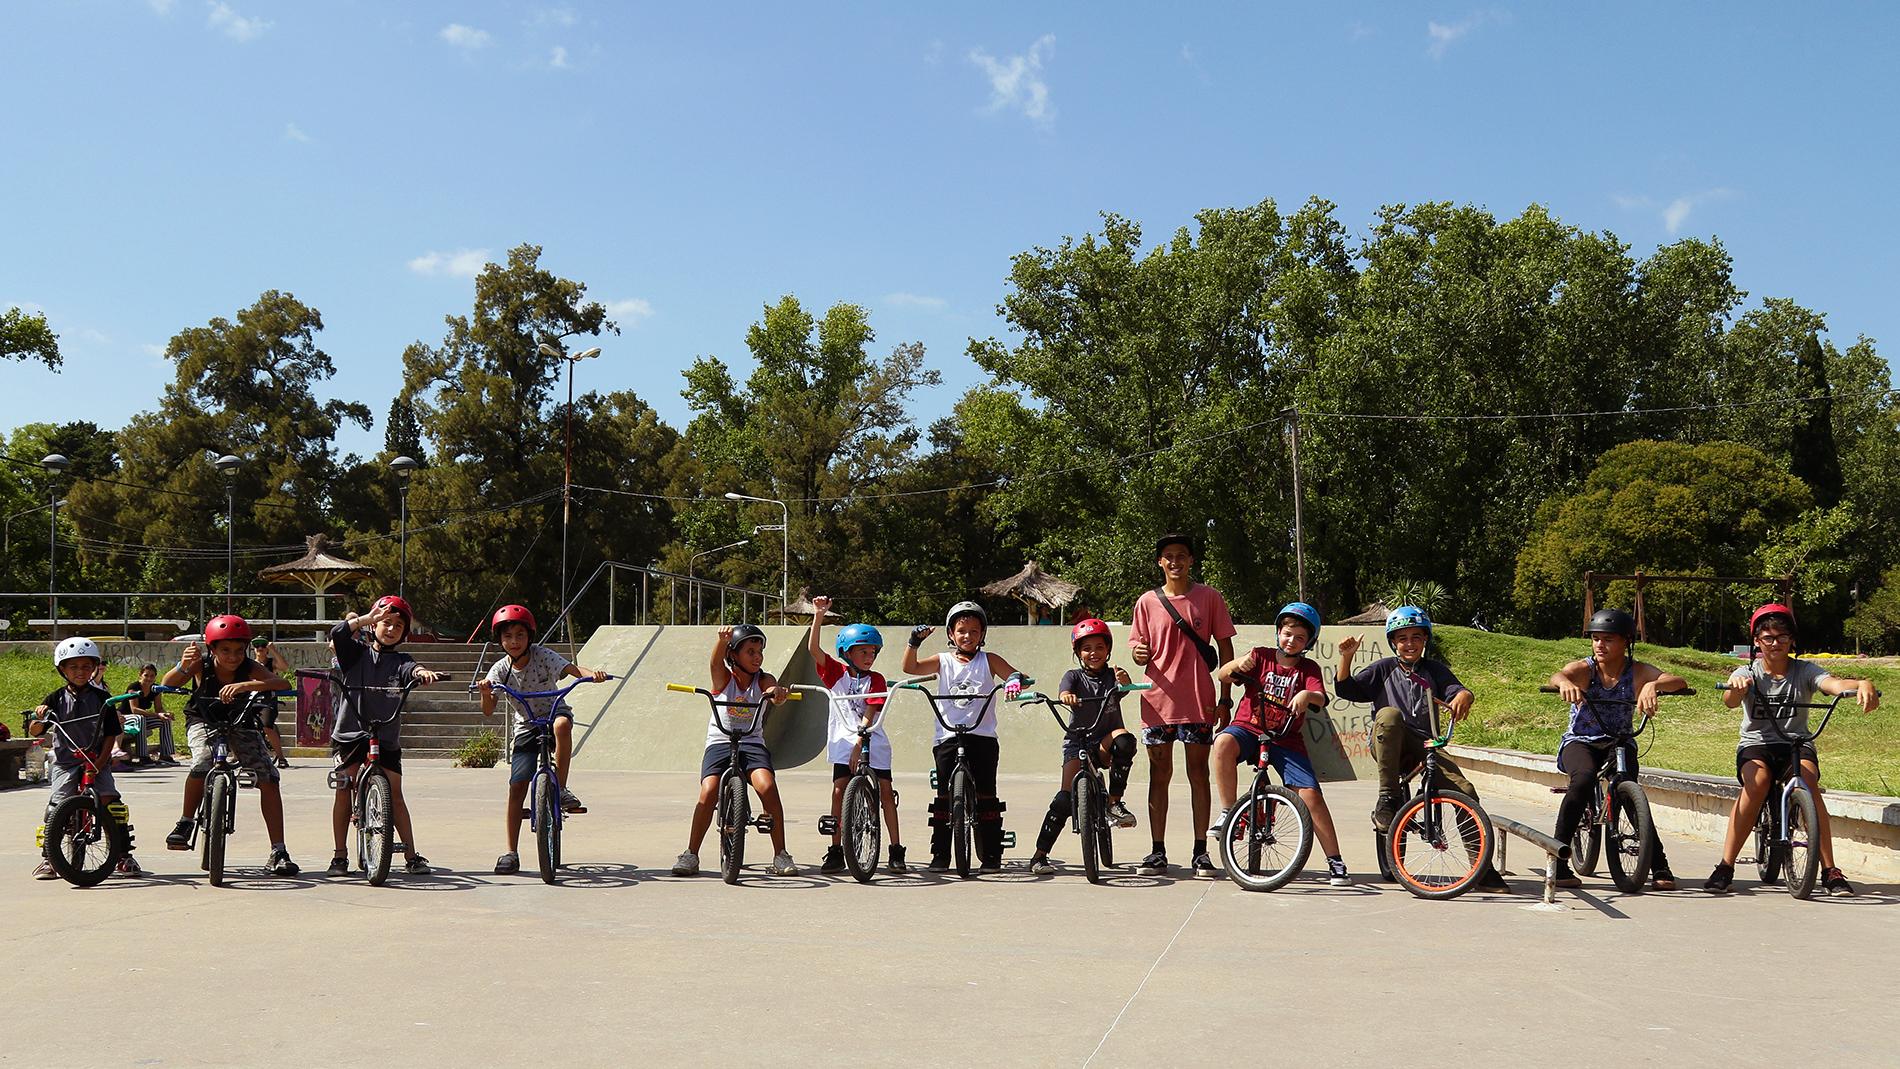 Si bien la Escuela Municipal de BMX funciona todo el año en el Bike Park del Parque General San Martín, en verano las clases se llevan a cabo todos los martes de 9 a 10.30 horas.